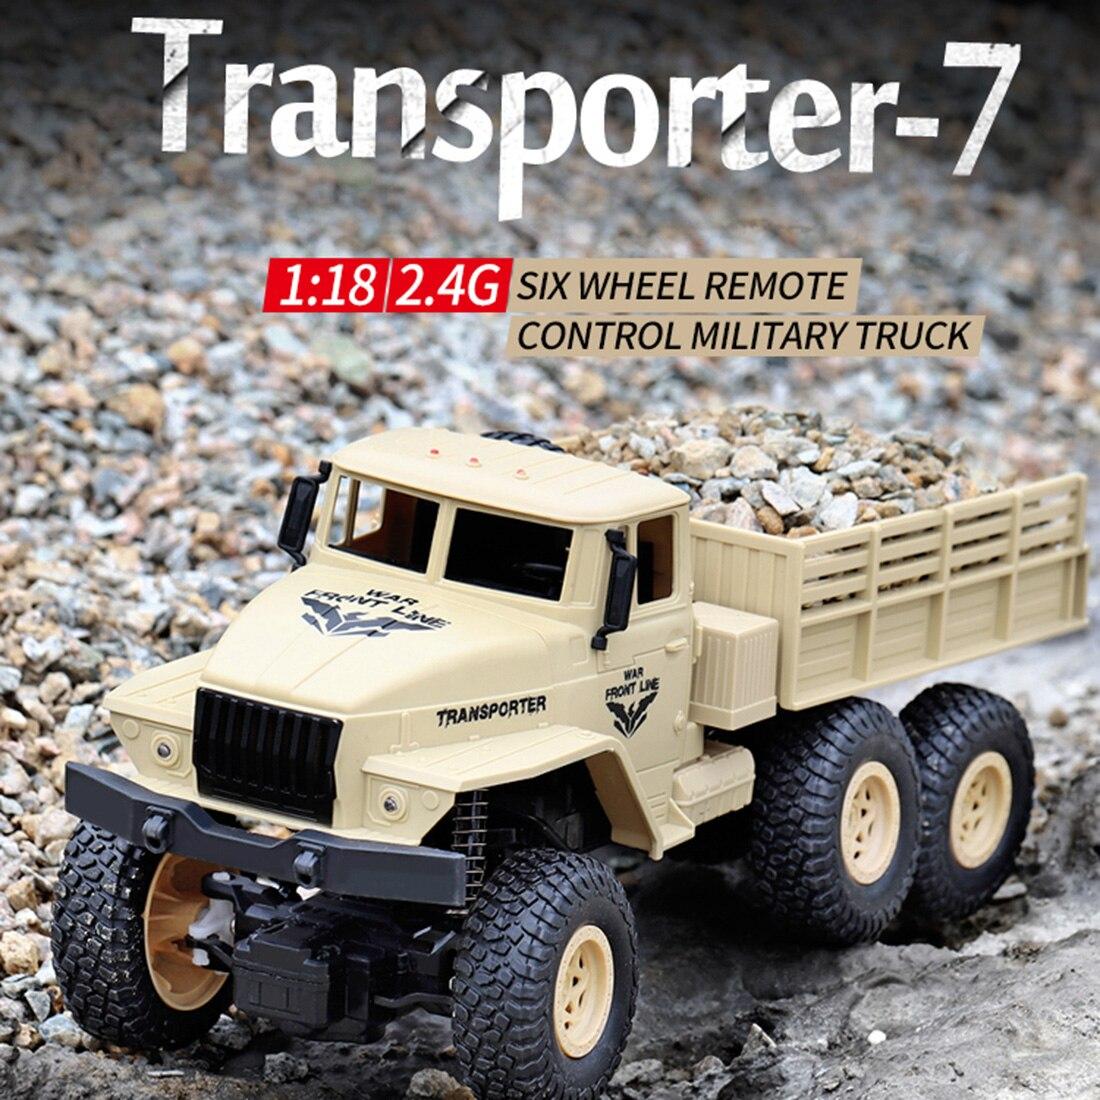 1:18 2,4G 10км/ч RC военный грузовик RC шесть колесо грузового автомобиля дистанционного Управление игрушка для детей Dongfeng № 8 желтого цвета